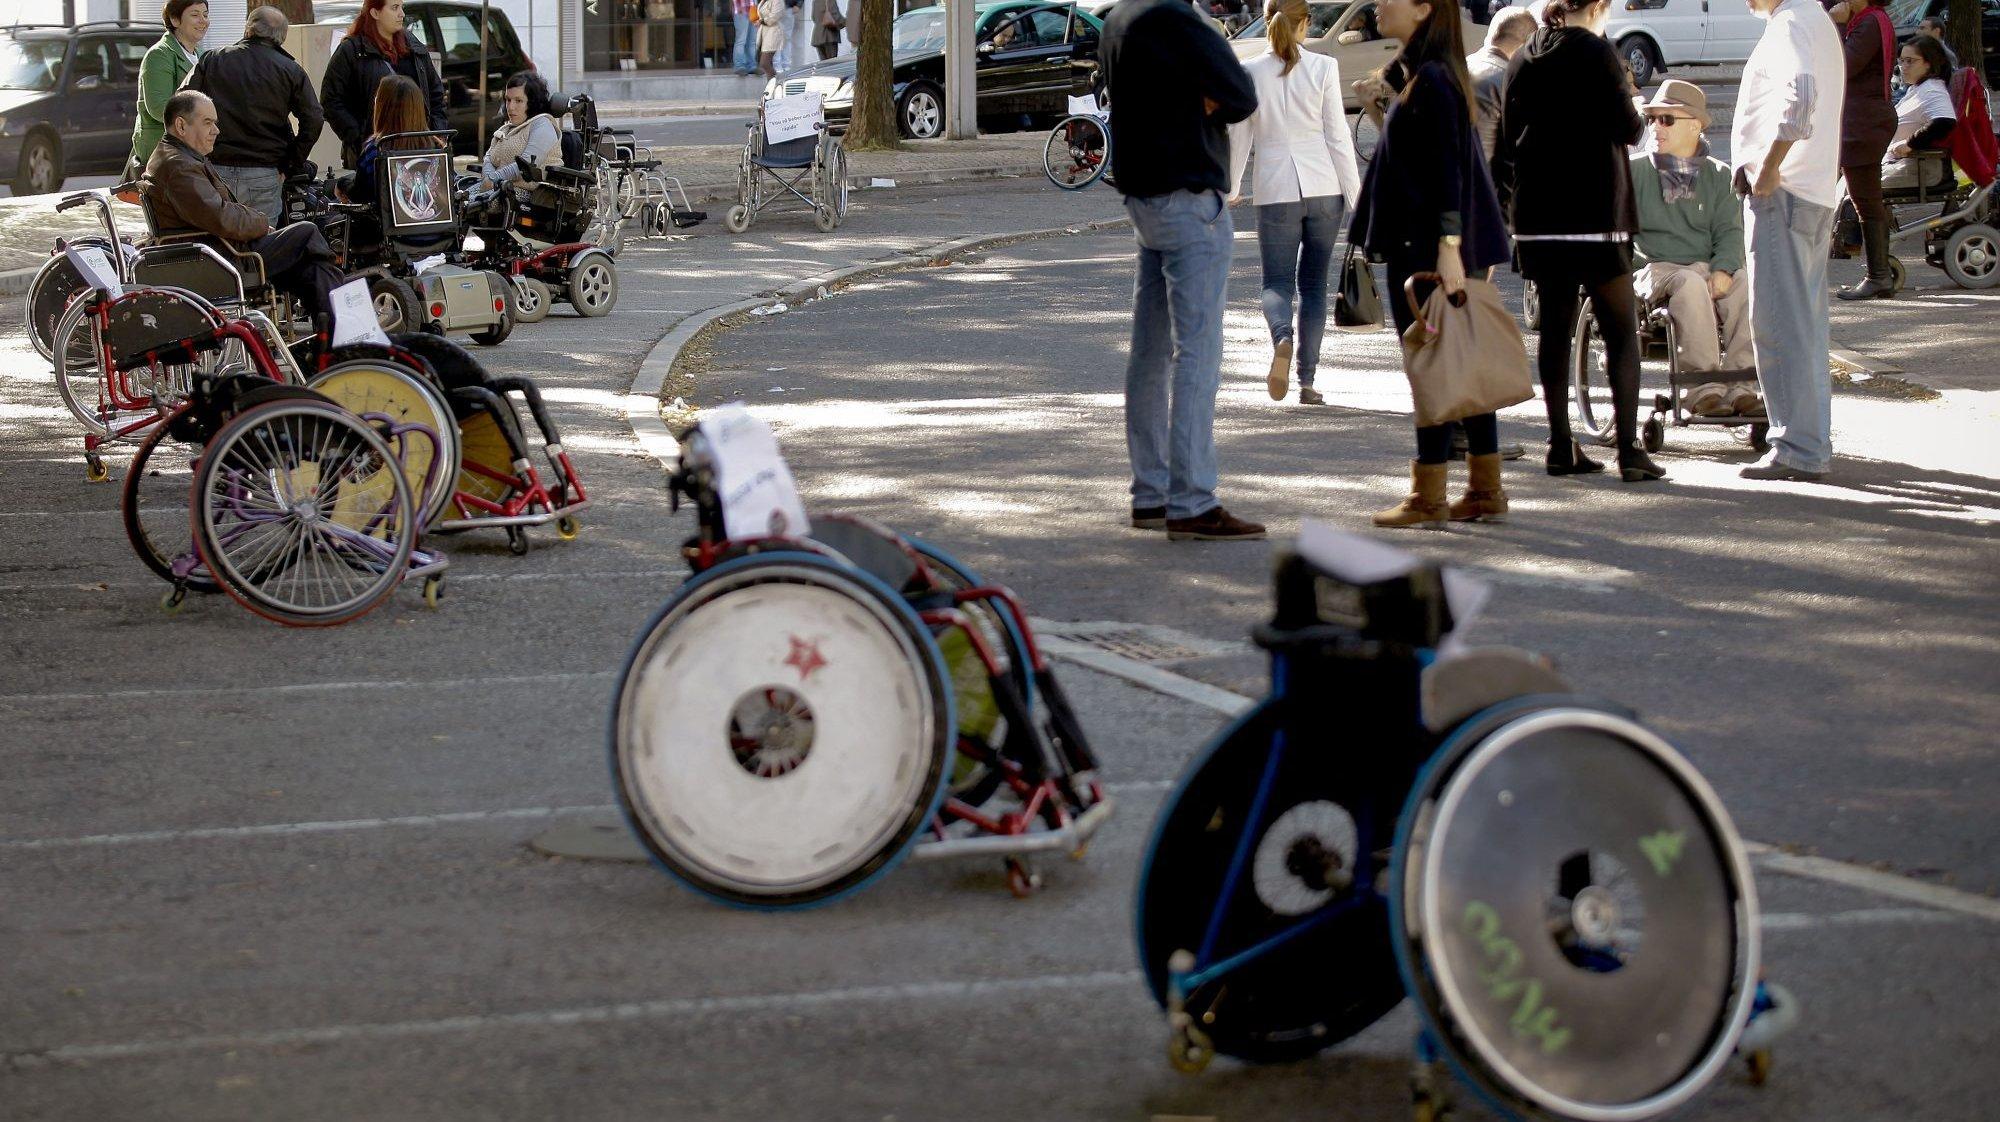 Ação de protesto de cidadãos em cadeira de rodas